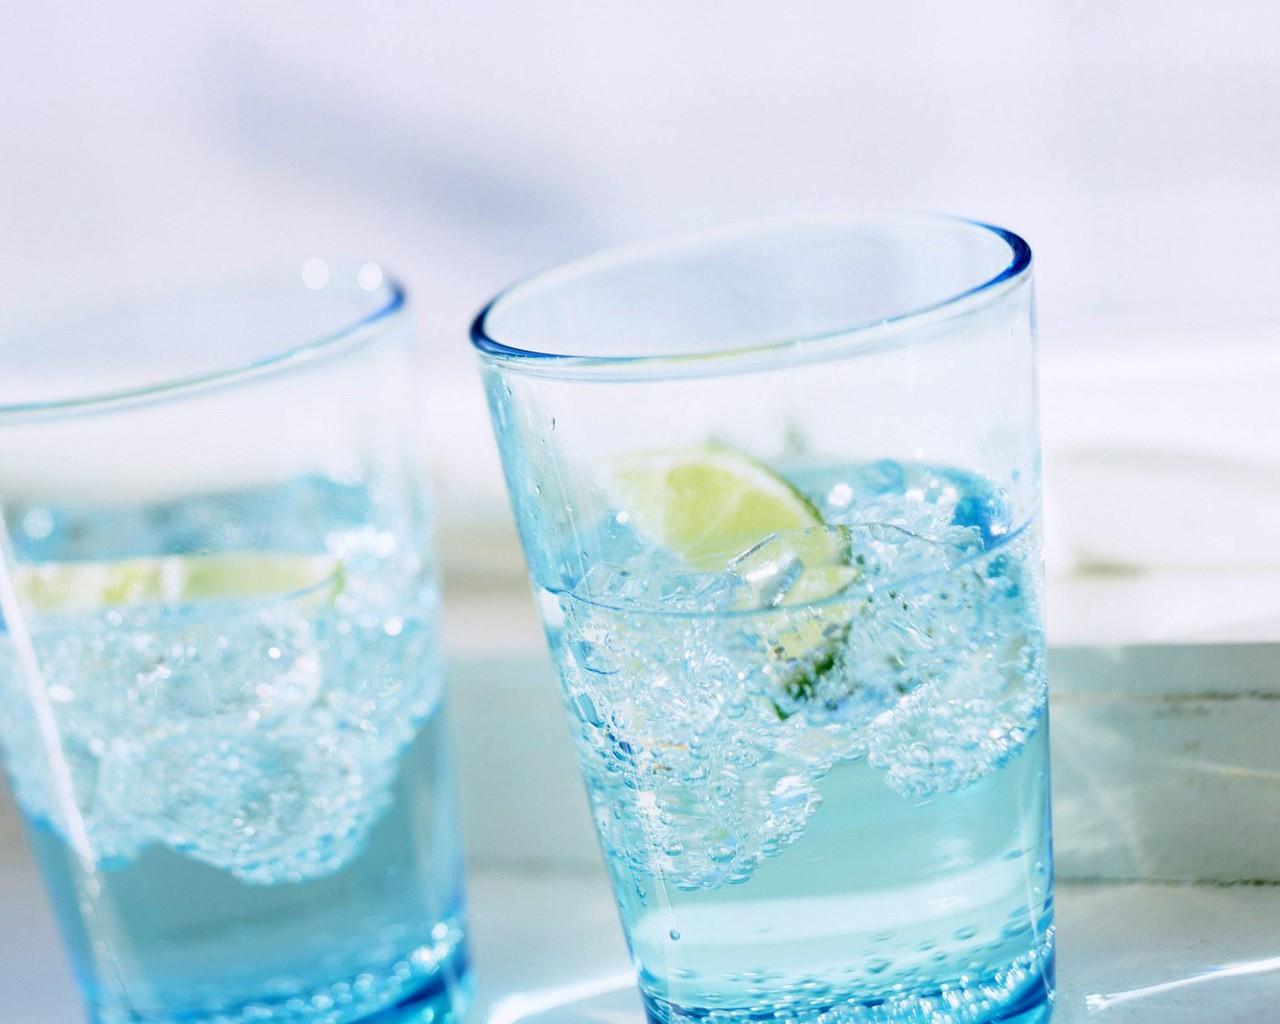 стакан воды отлично способствует рабете мозга